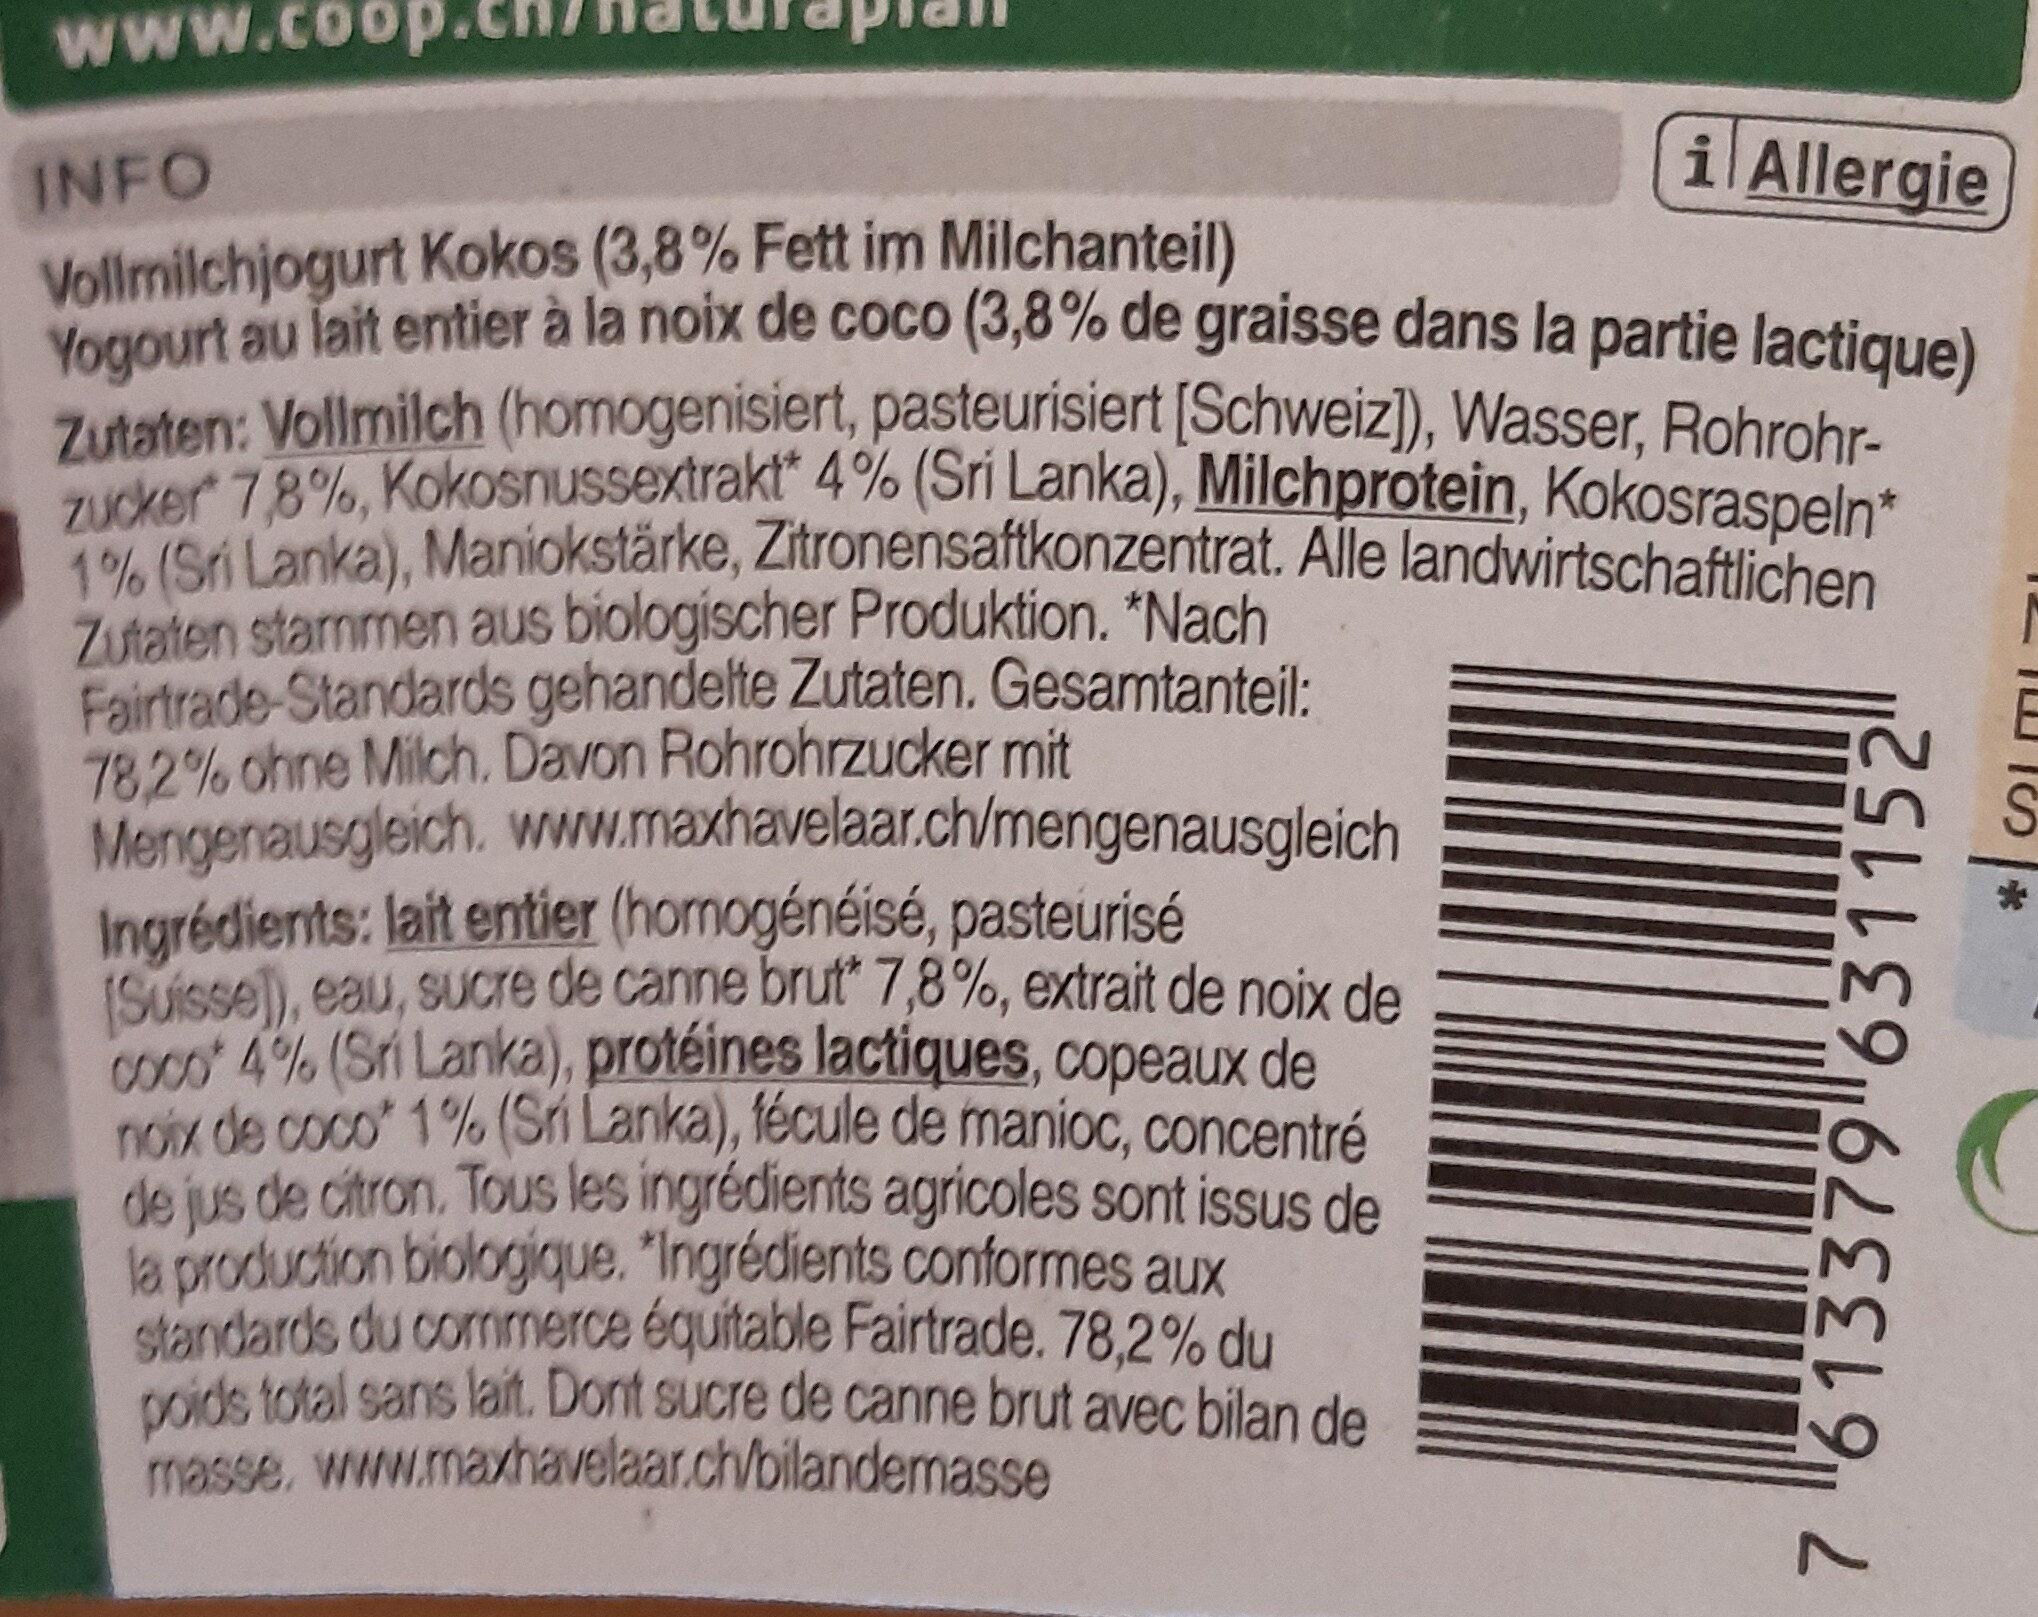 Jogurt Coco - Ingrédients - fr